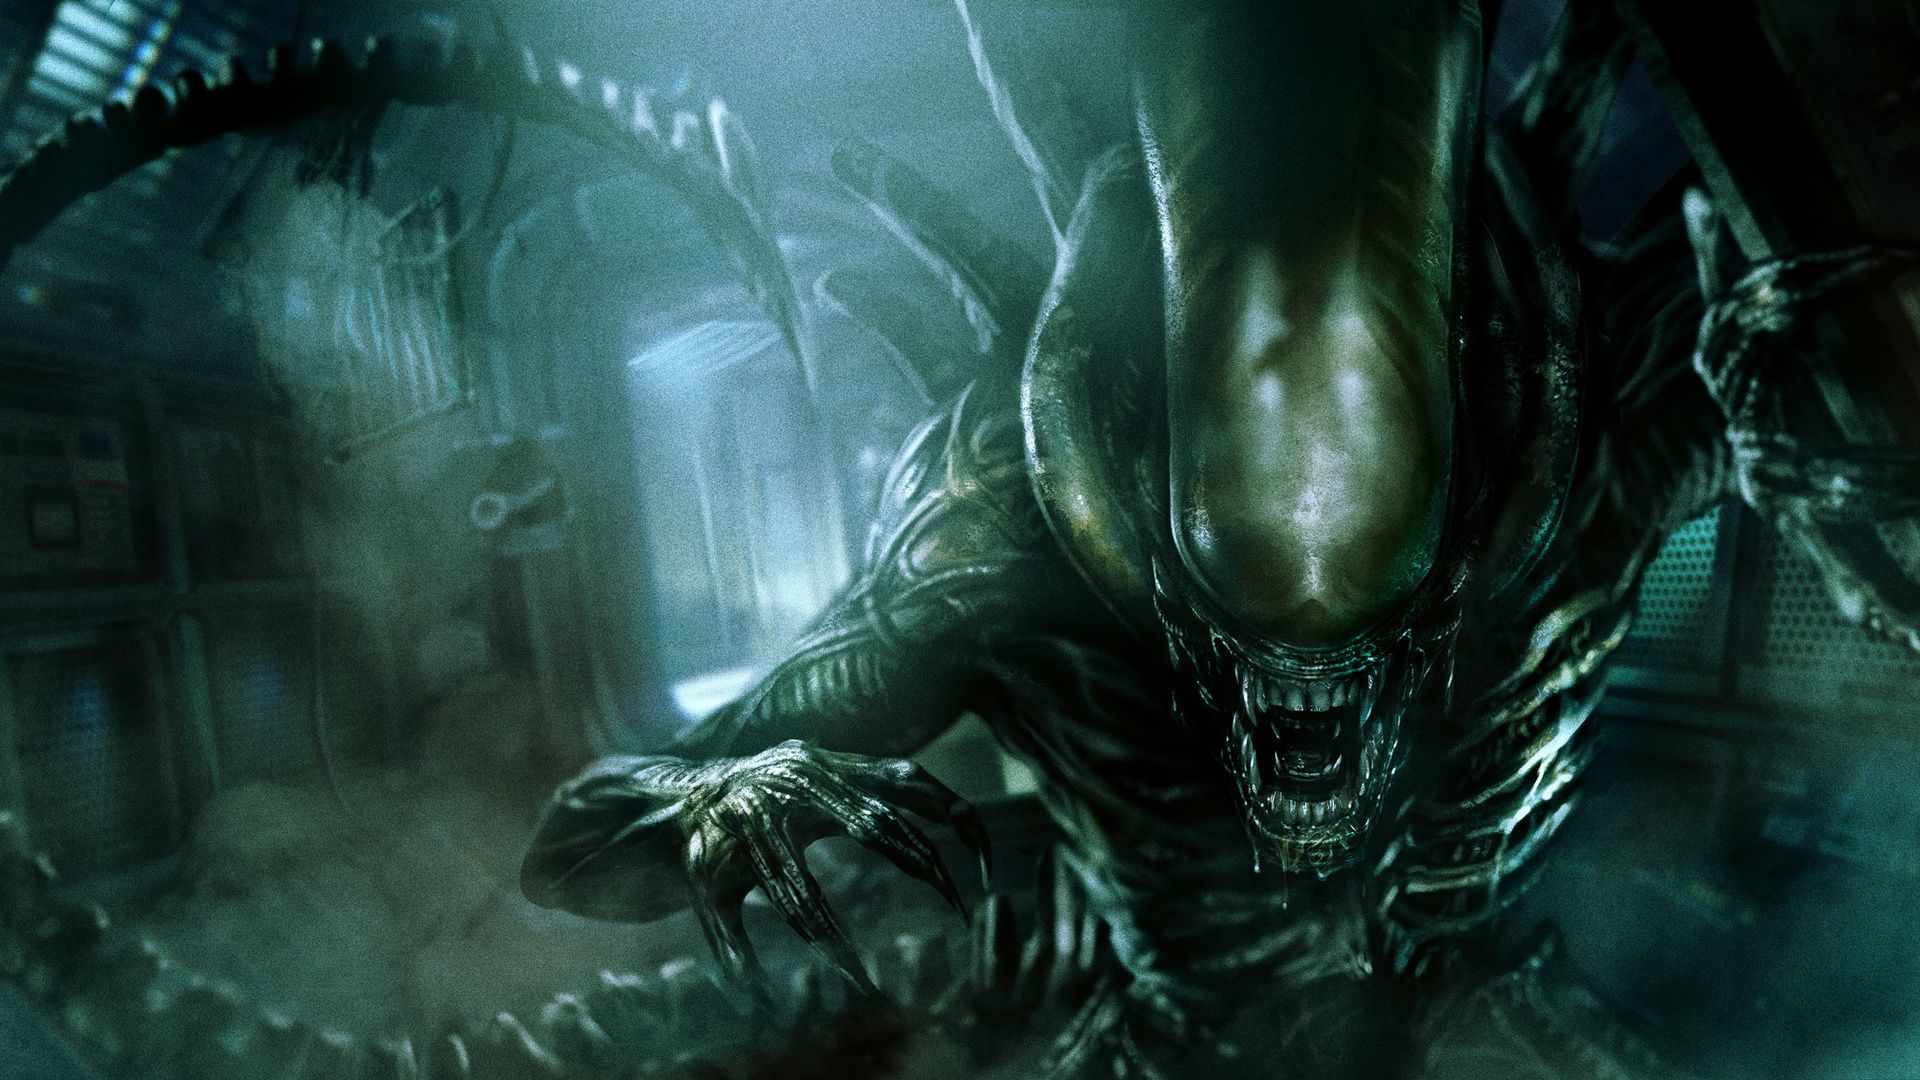 Alien Pictures